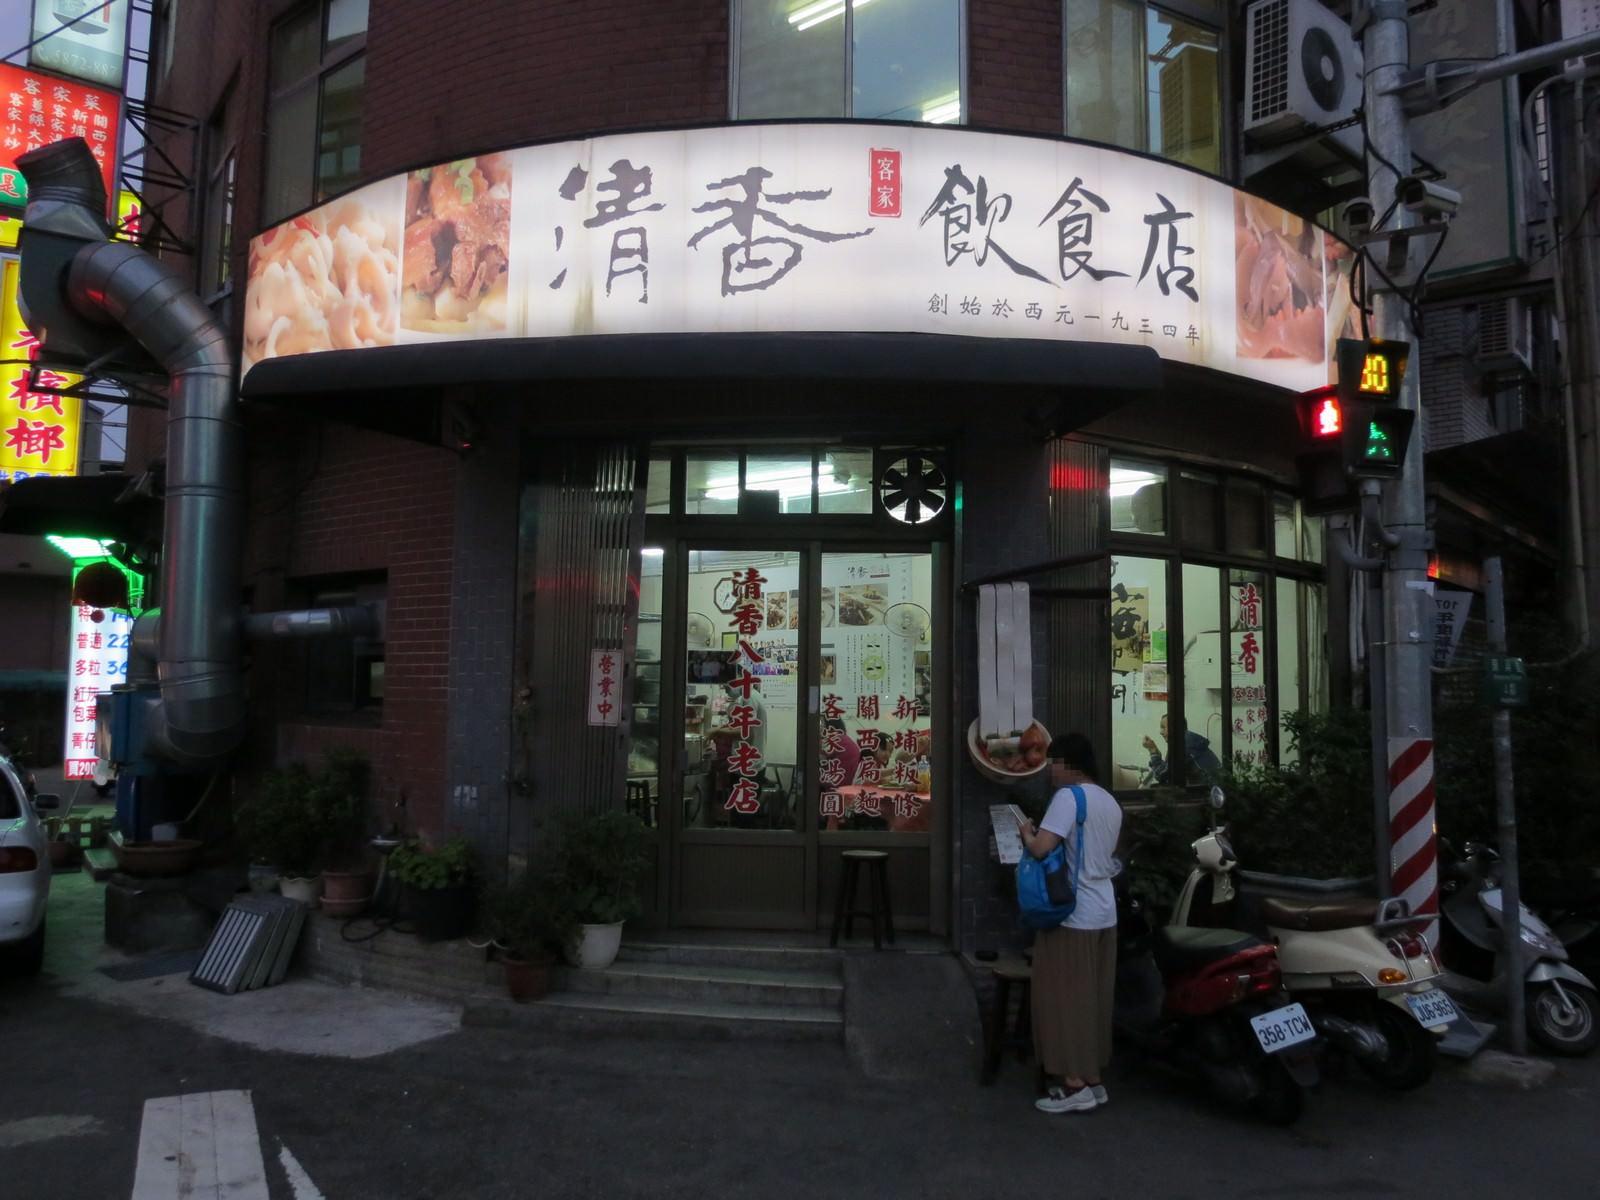 清香飲食店, 店面